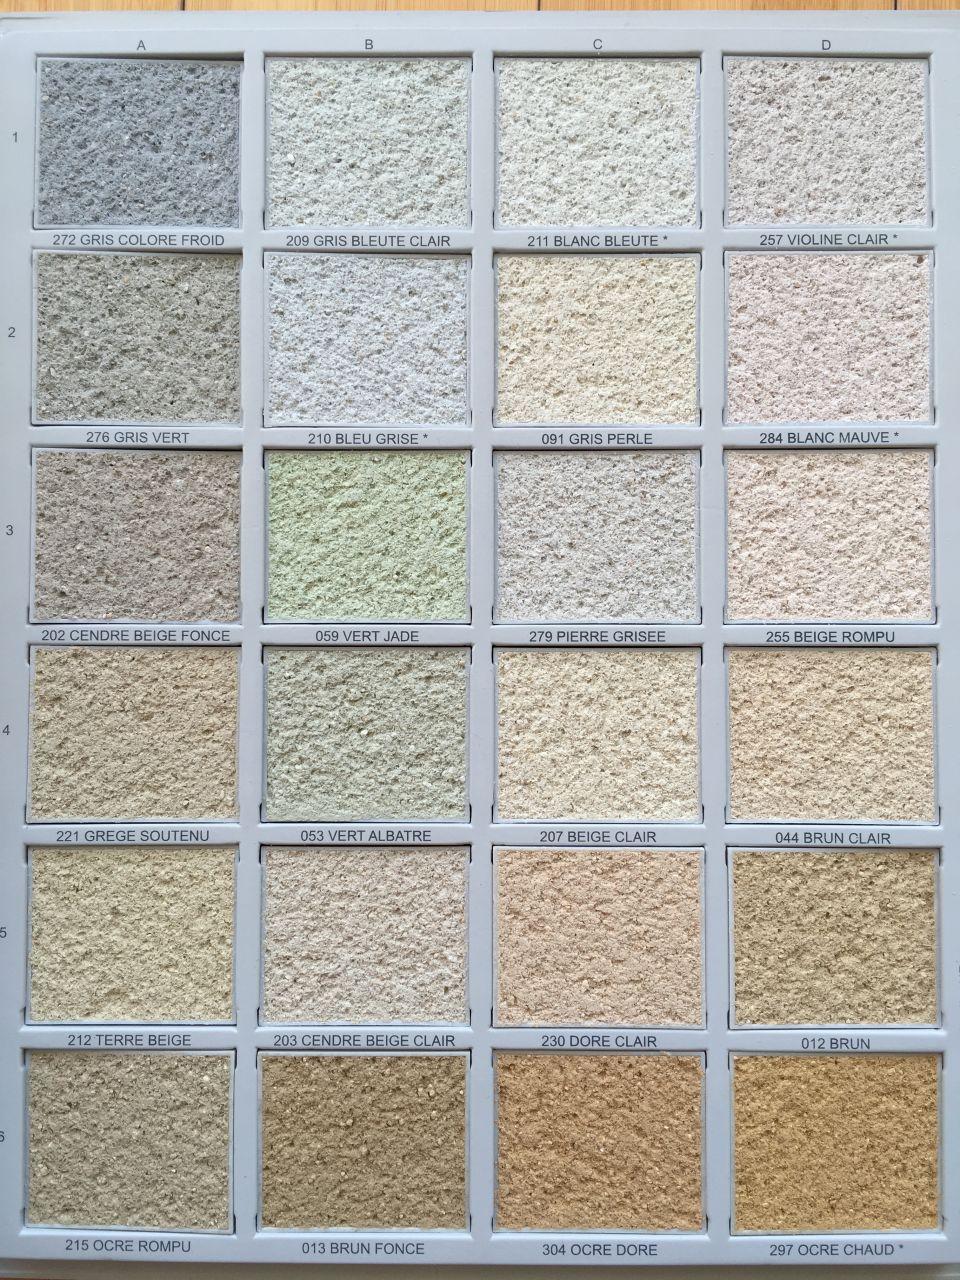 enduirama aide pour choisir la couleur de votre enduit 587 messages page 39. Black Bedroom Furniture Sets. Home Design Ideas